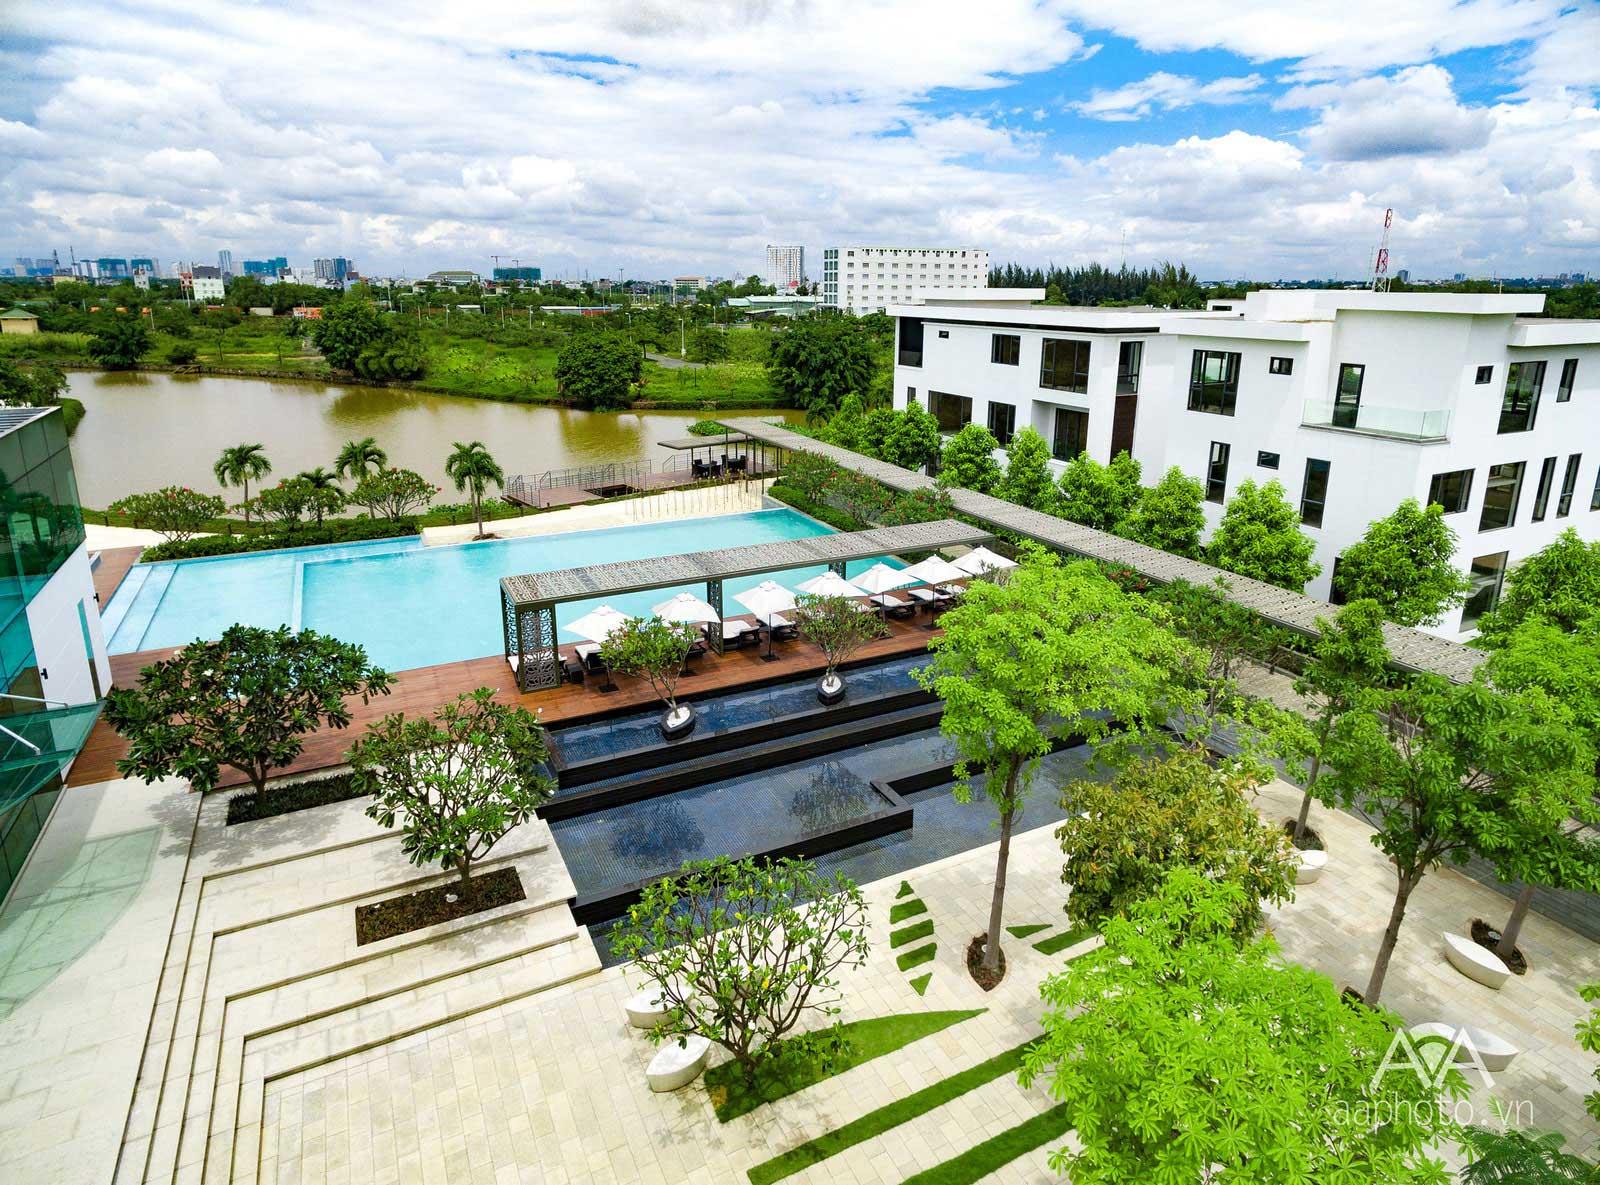 Biệt thự khang điền - lucasta villa quận 9